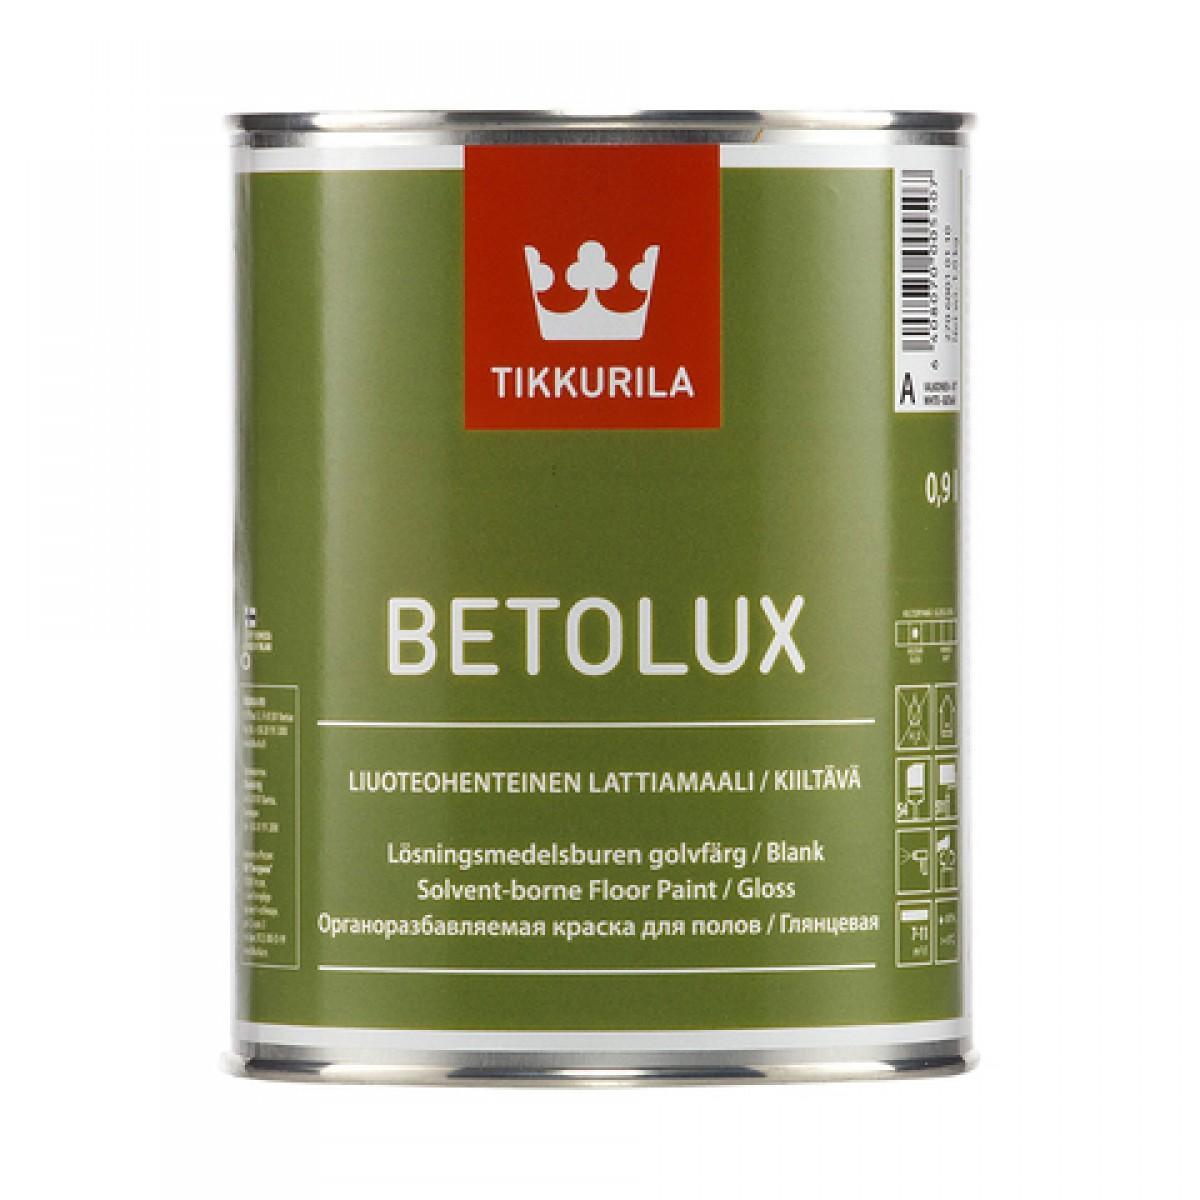 Бетолюкс – глянцевая краска для деревянных и бетонных полов